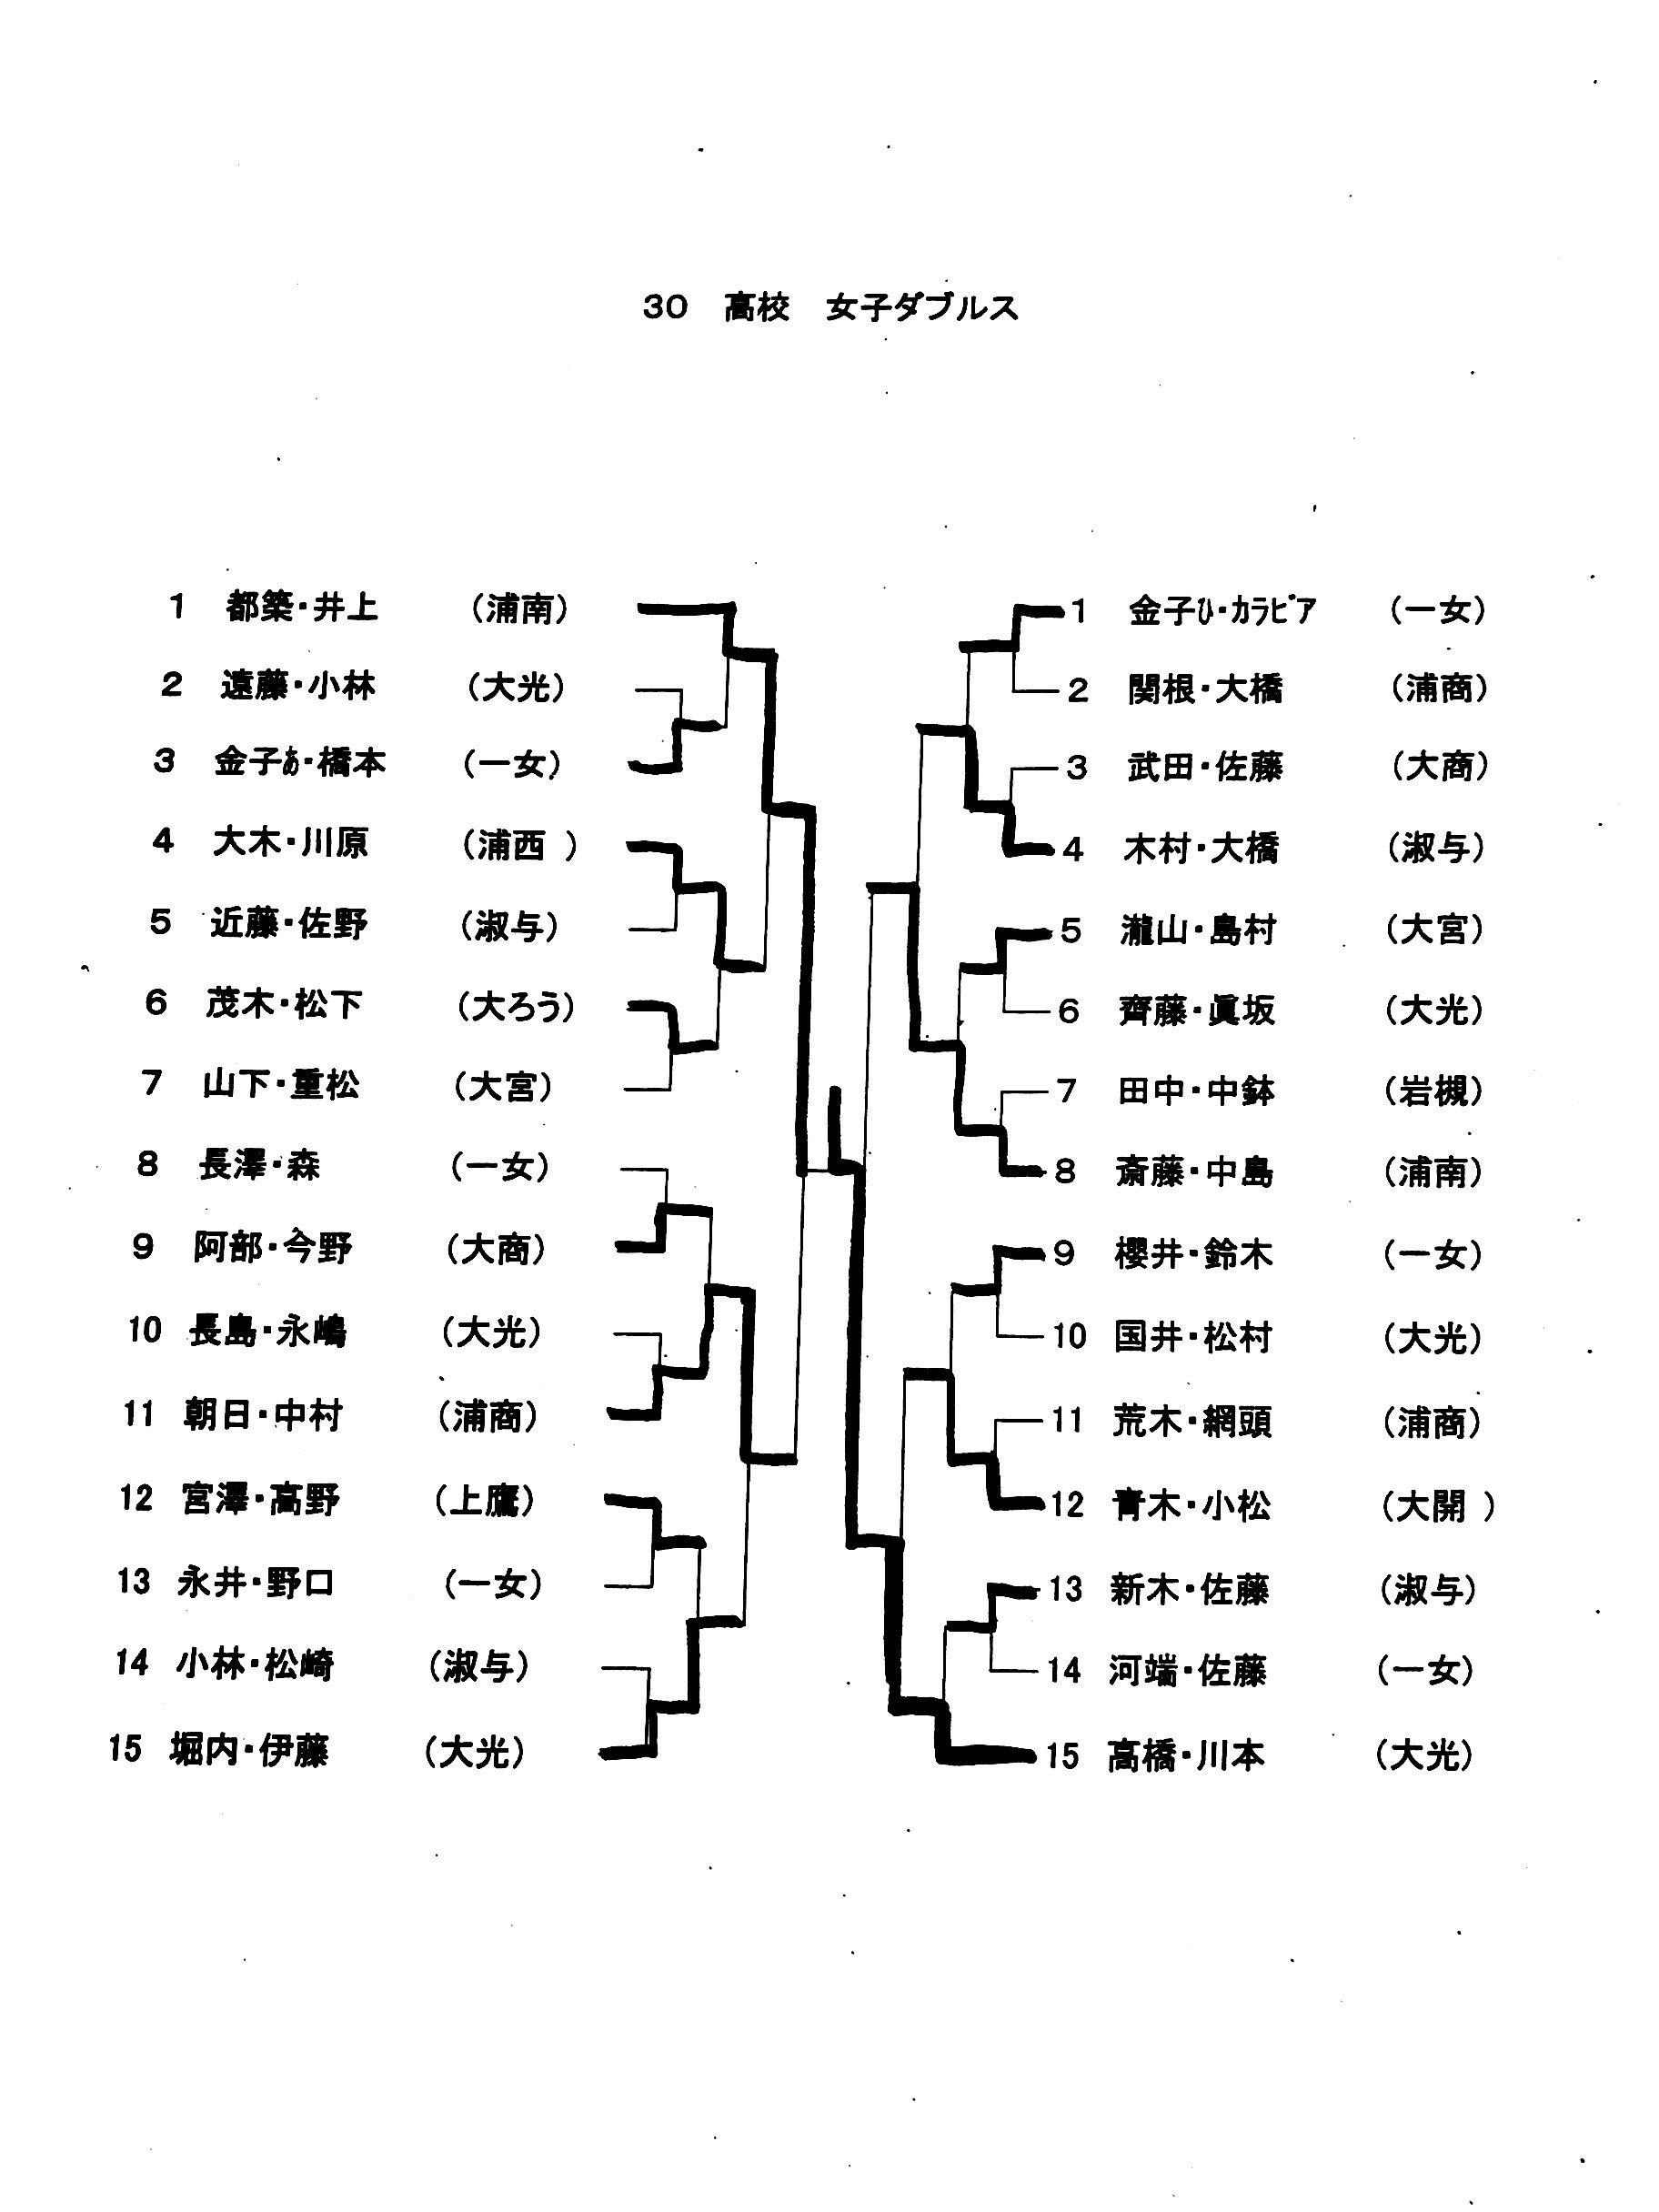 新規ドキュメント 2019-04-05 15.28.49_2